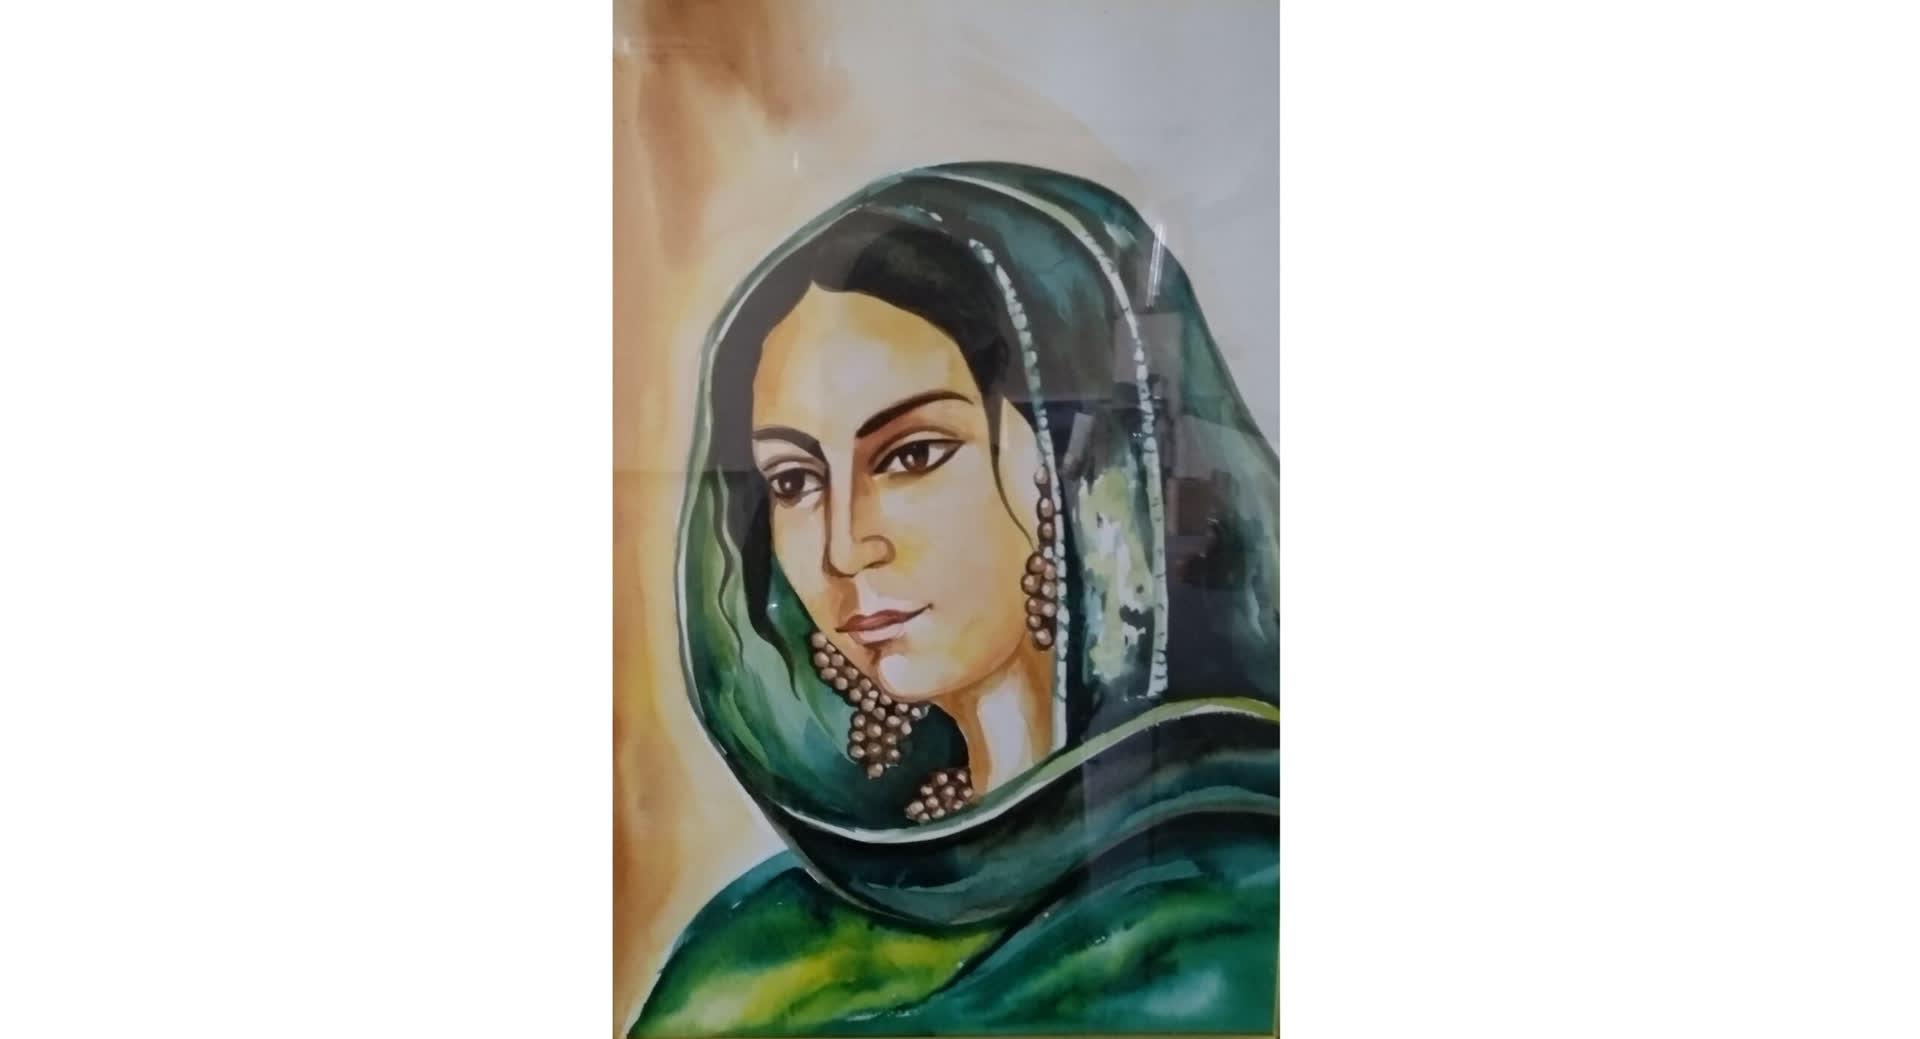 Begum Hazrat Mahal: A Revolutionary Queen